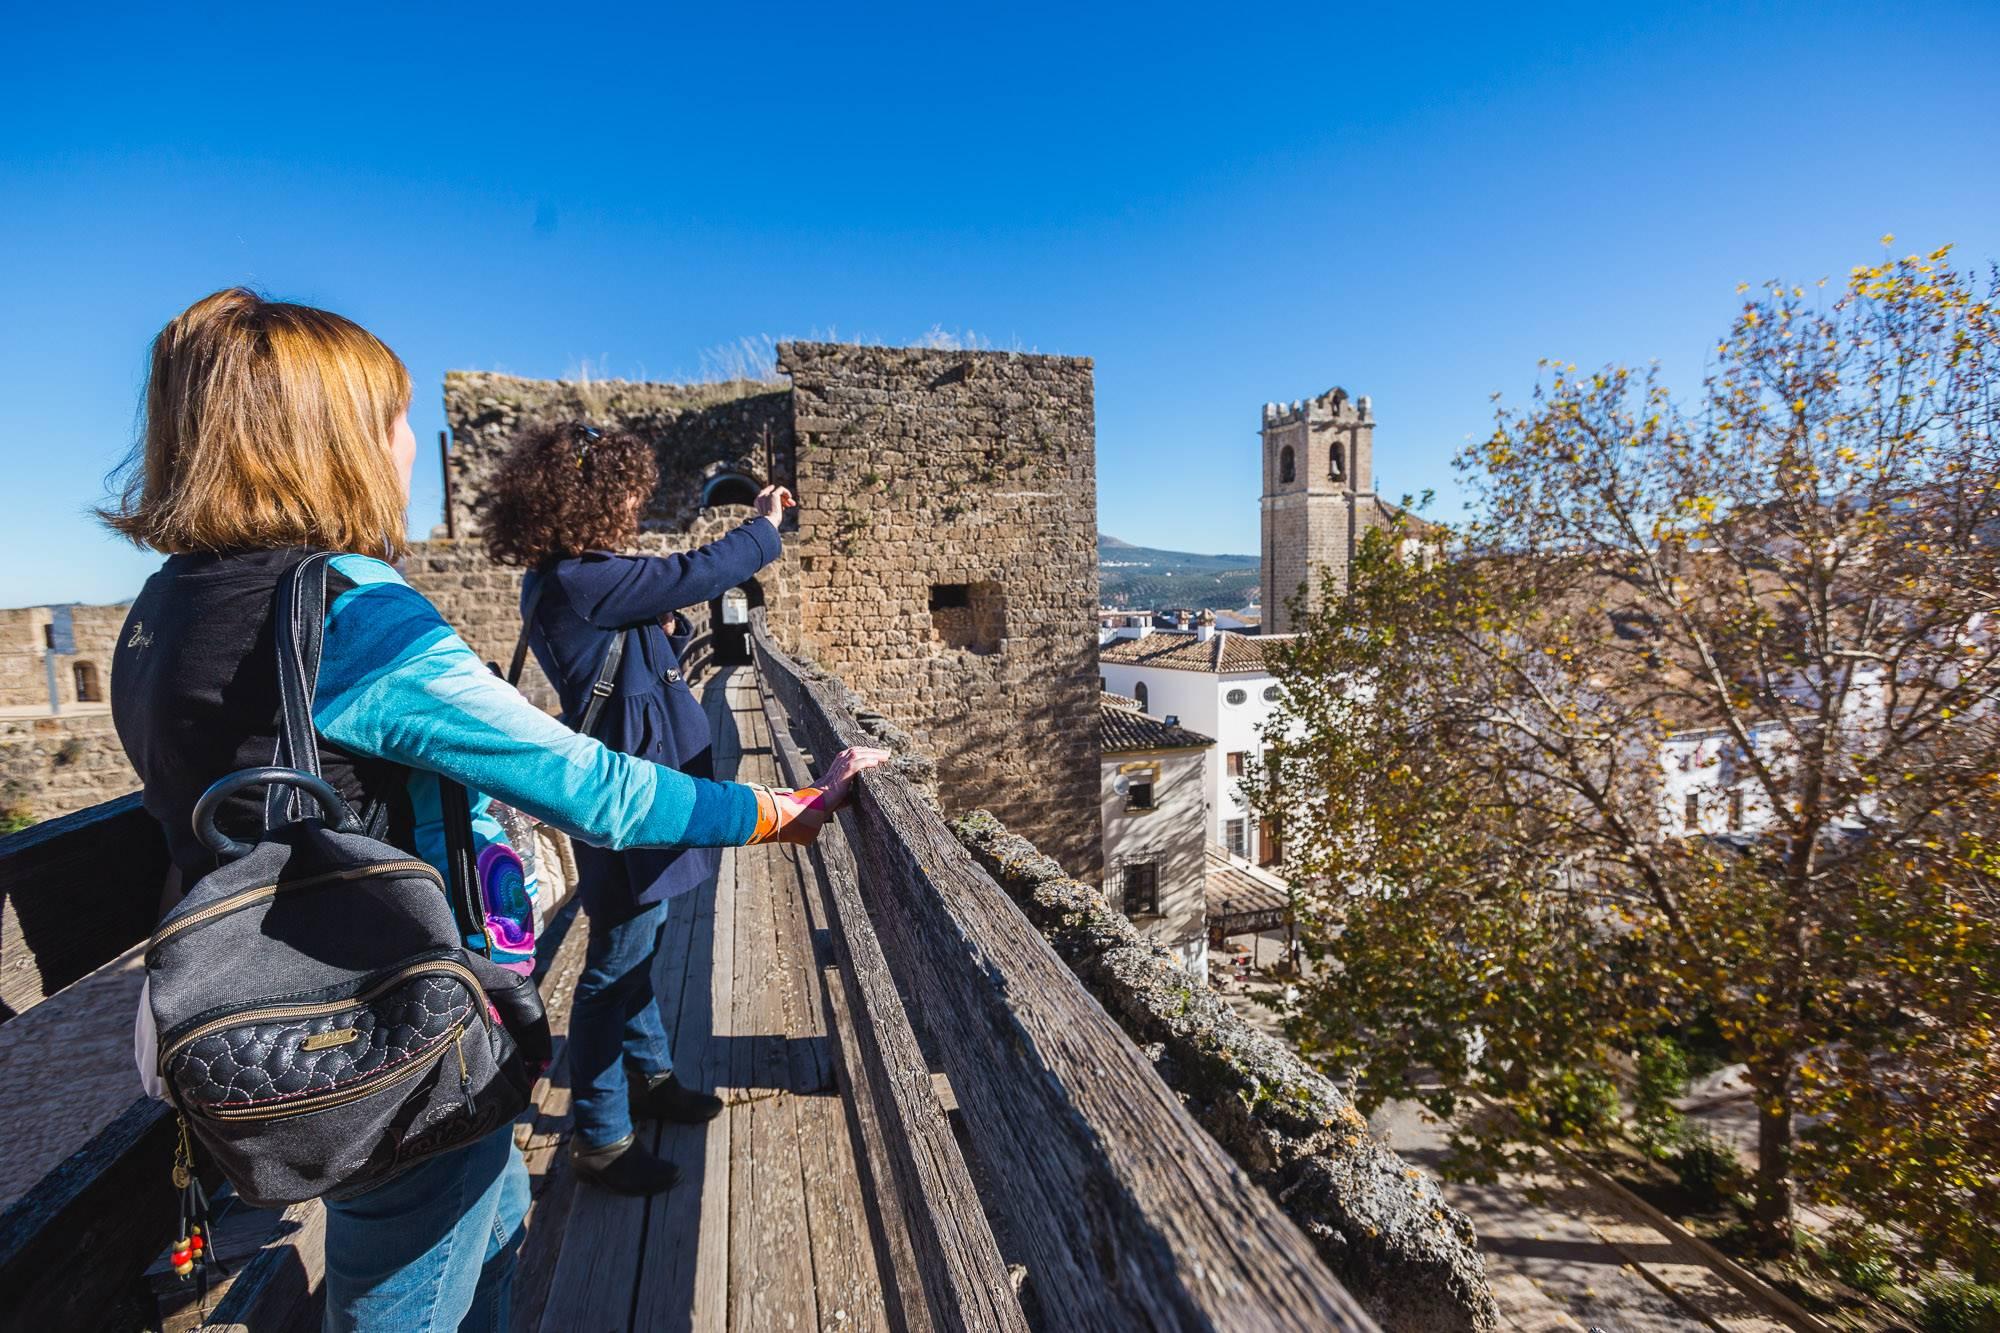 El recorrido por el castillo también sirve para ver las iglesias de Priego desde otra perspectiva.